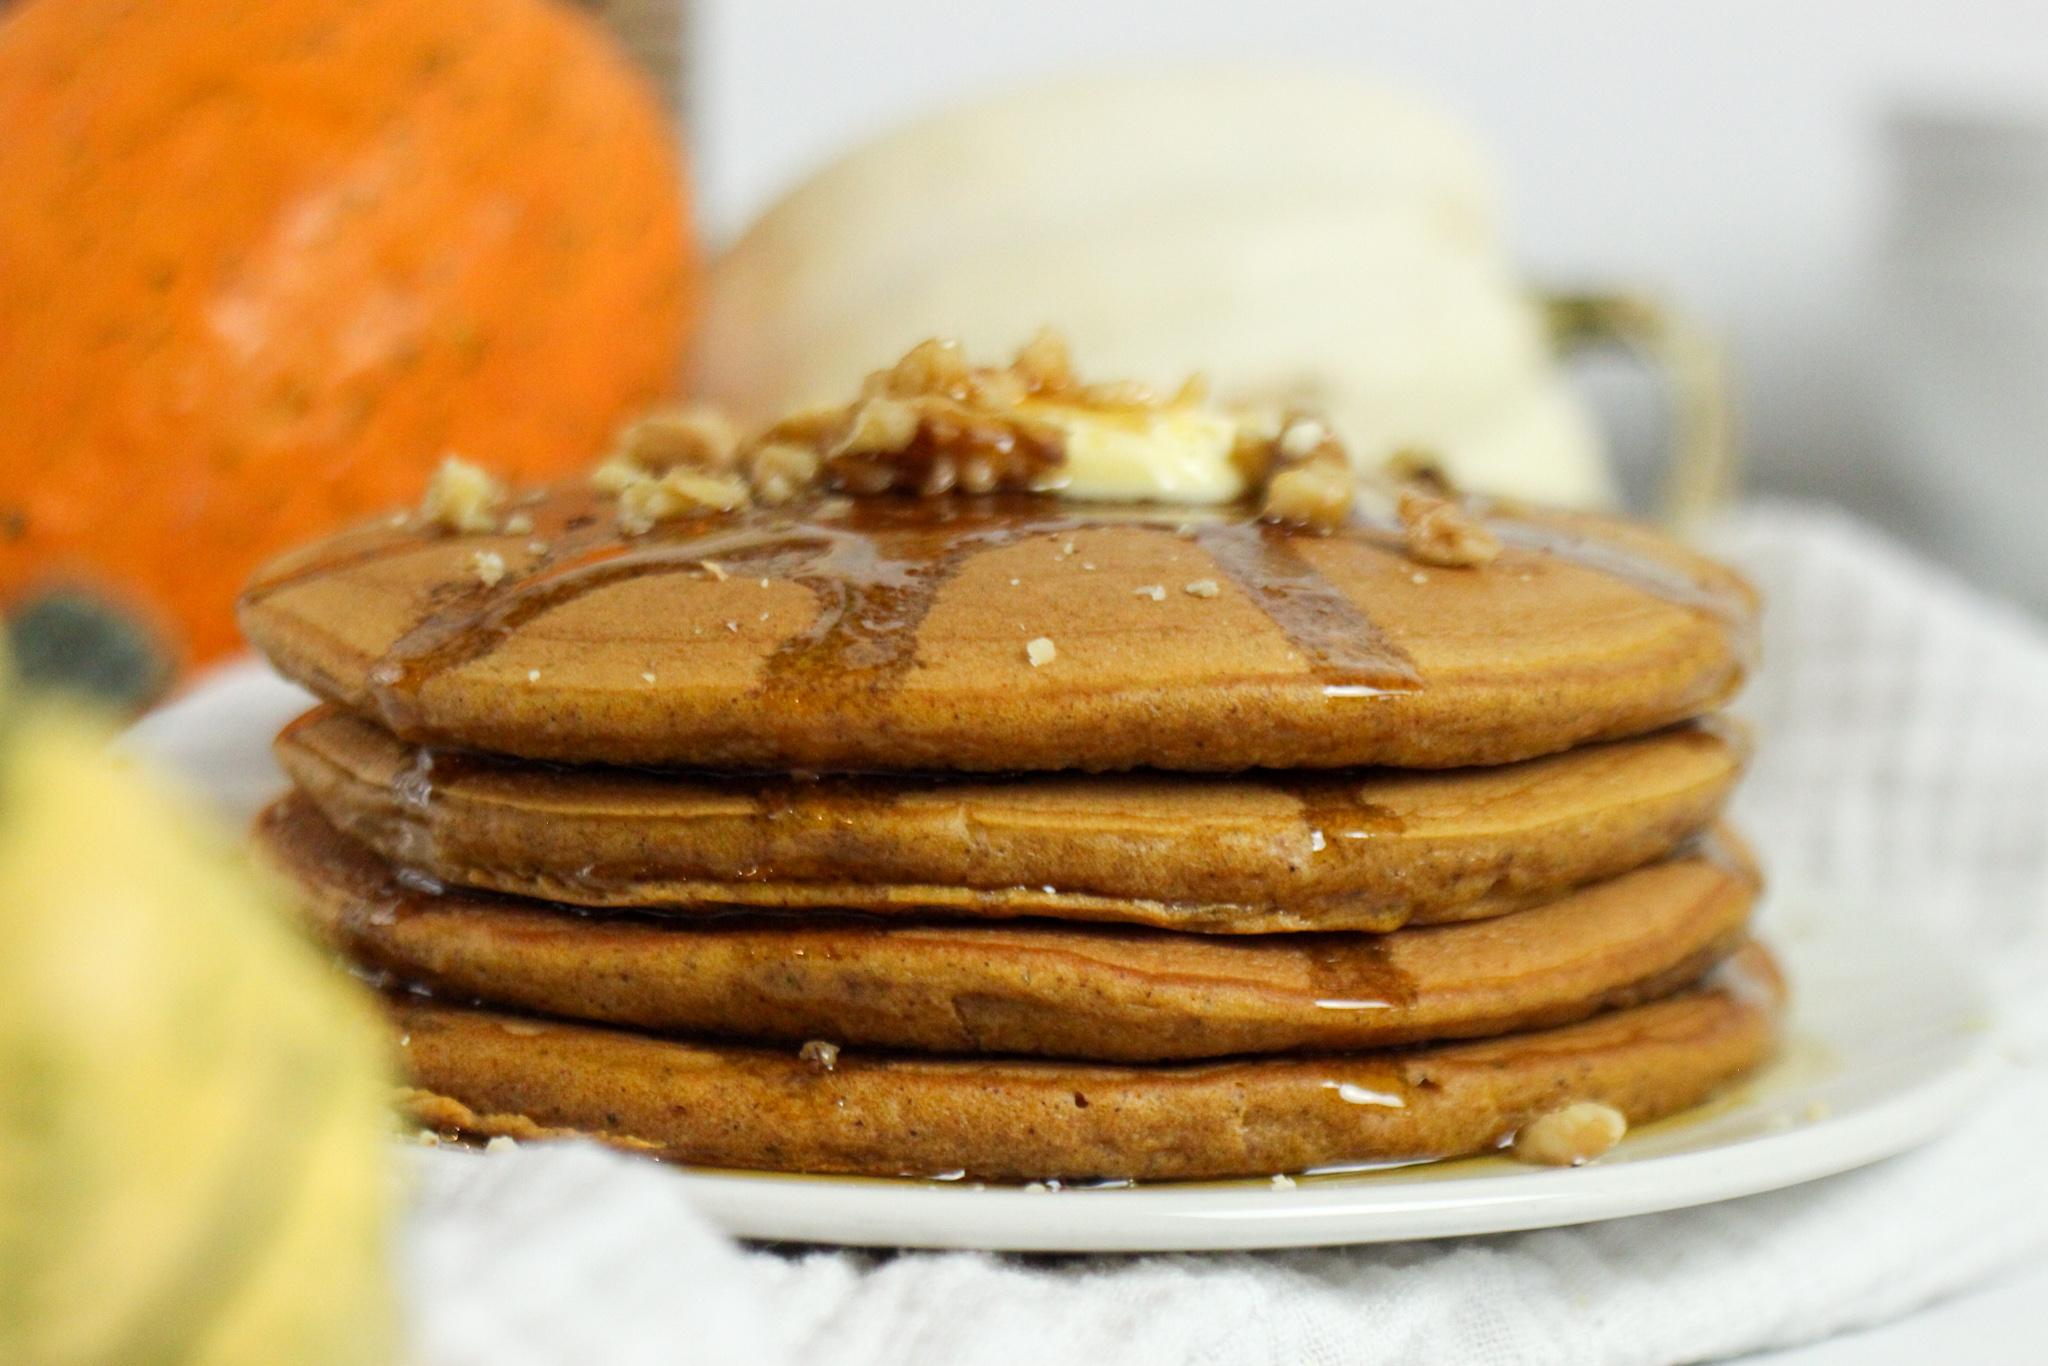 The Best Rich & Fluffy Pumpkin Spice Pancakes